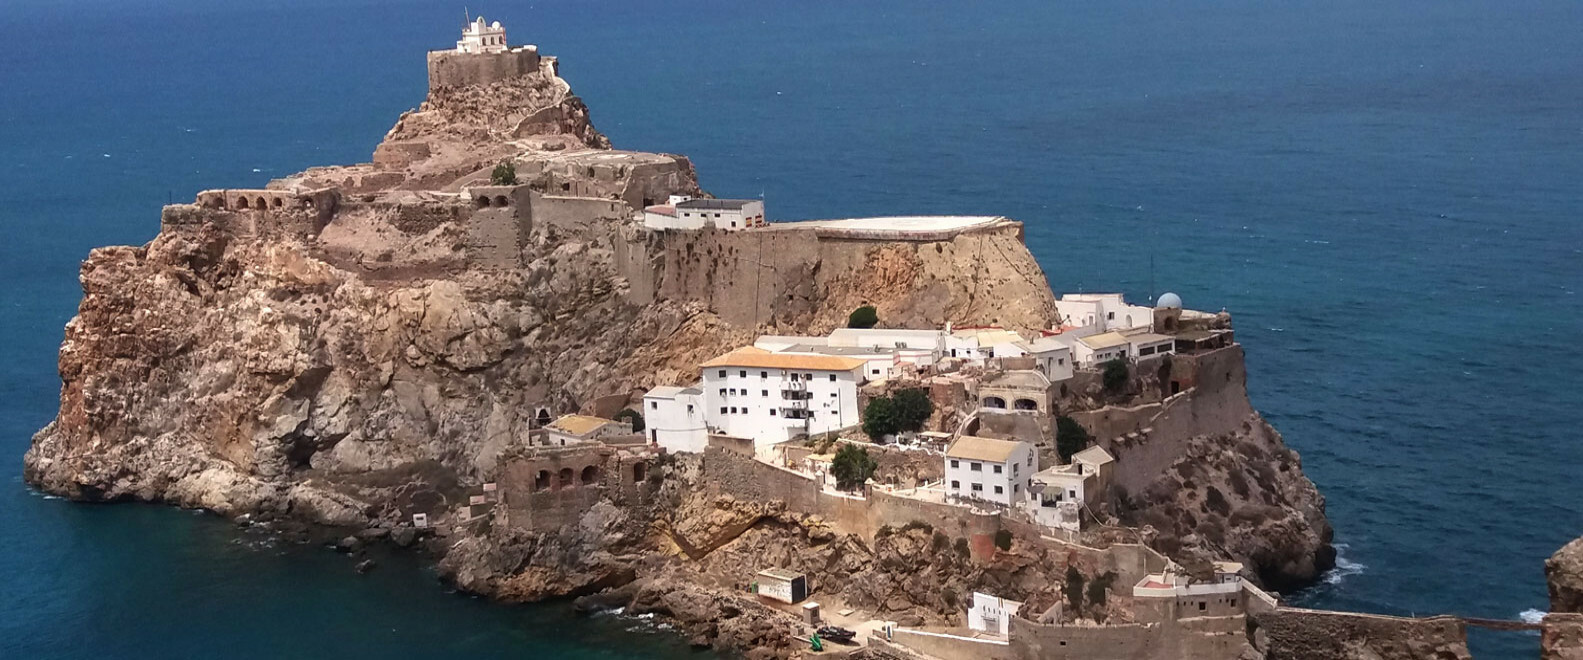 Al Hoceïma Maroc